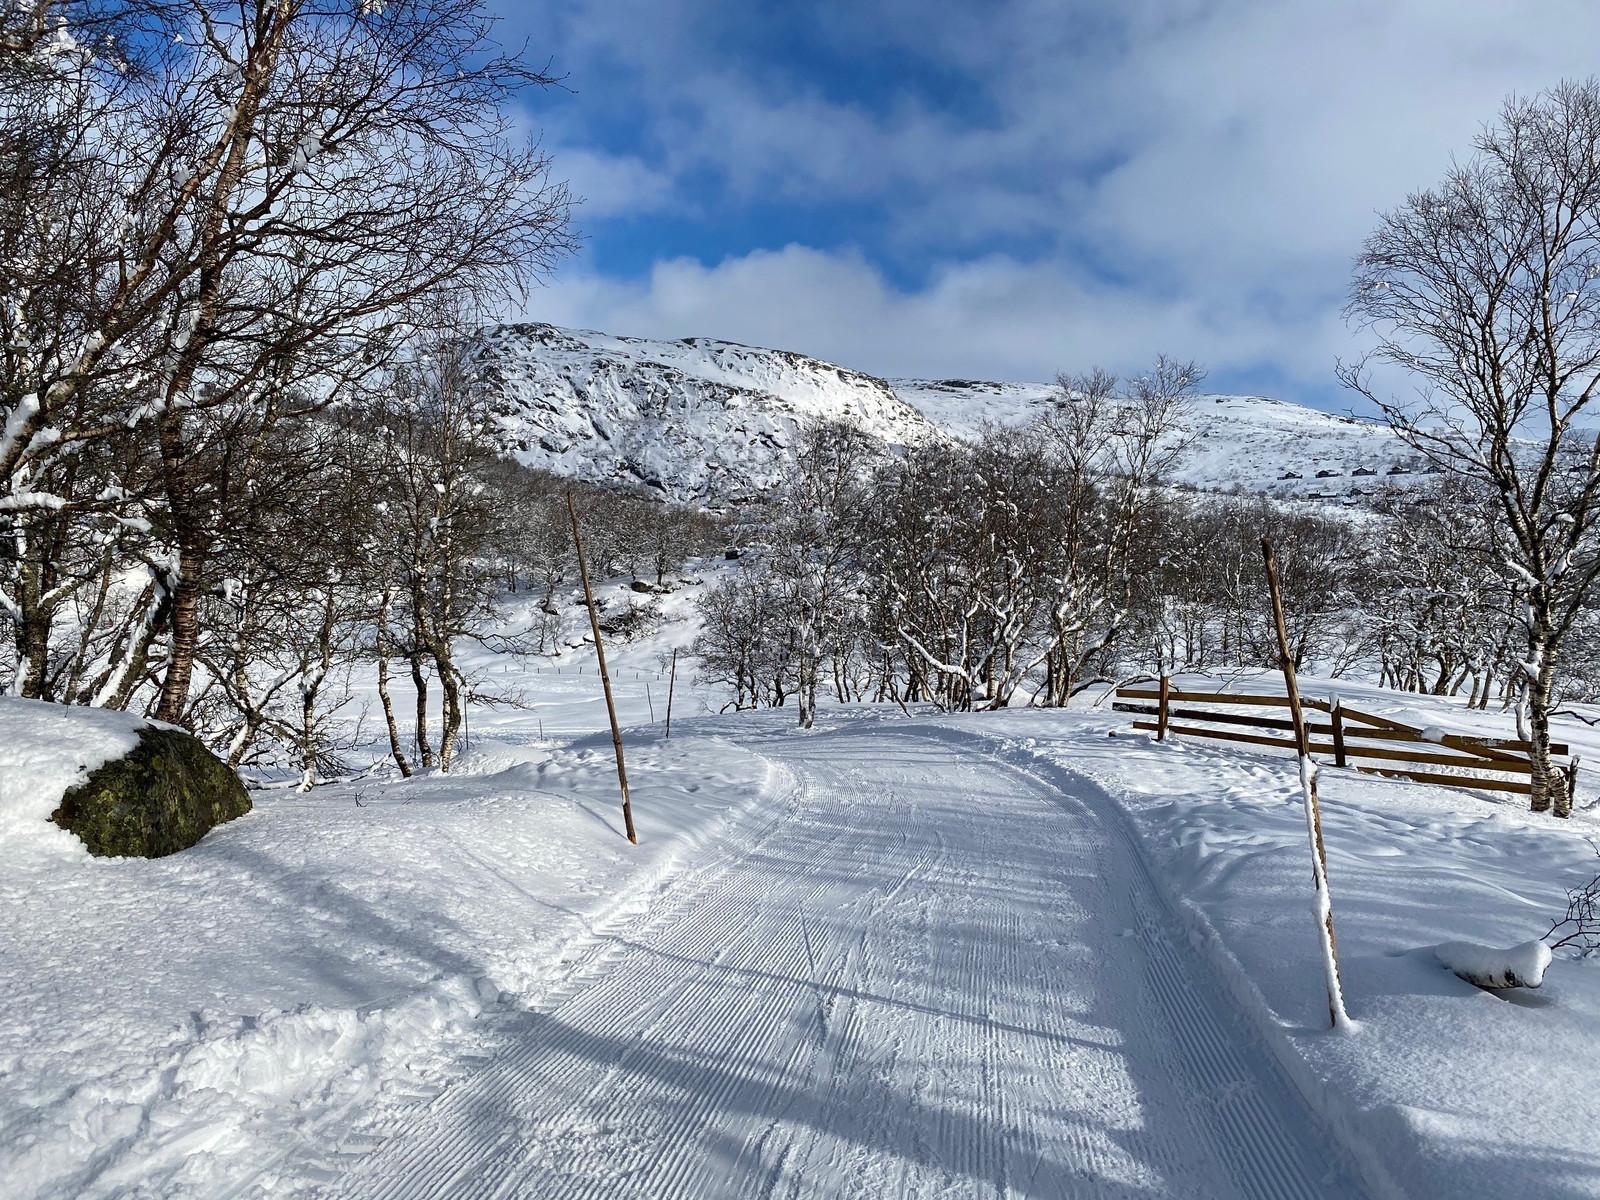 Du kan renne rett ut i oppkjørte langrennsløyper, og det er også ski inn-ski ut til alpinanlegget